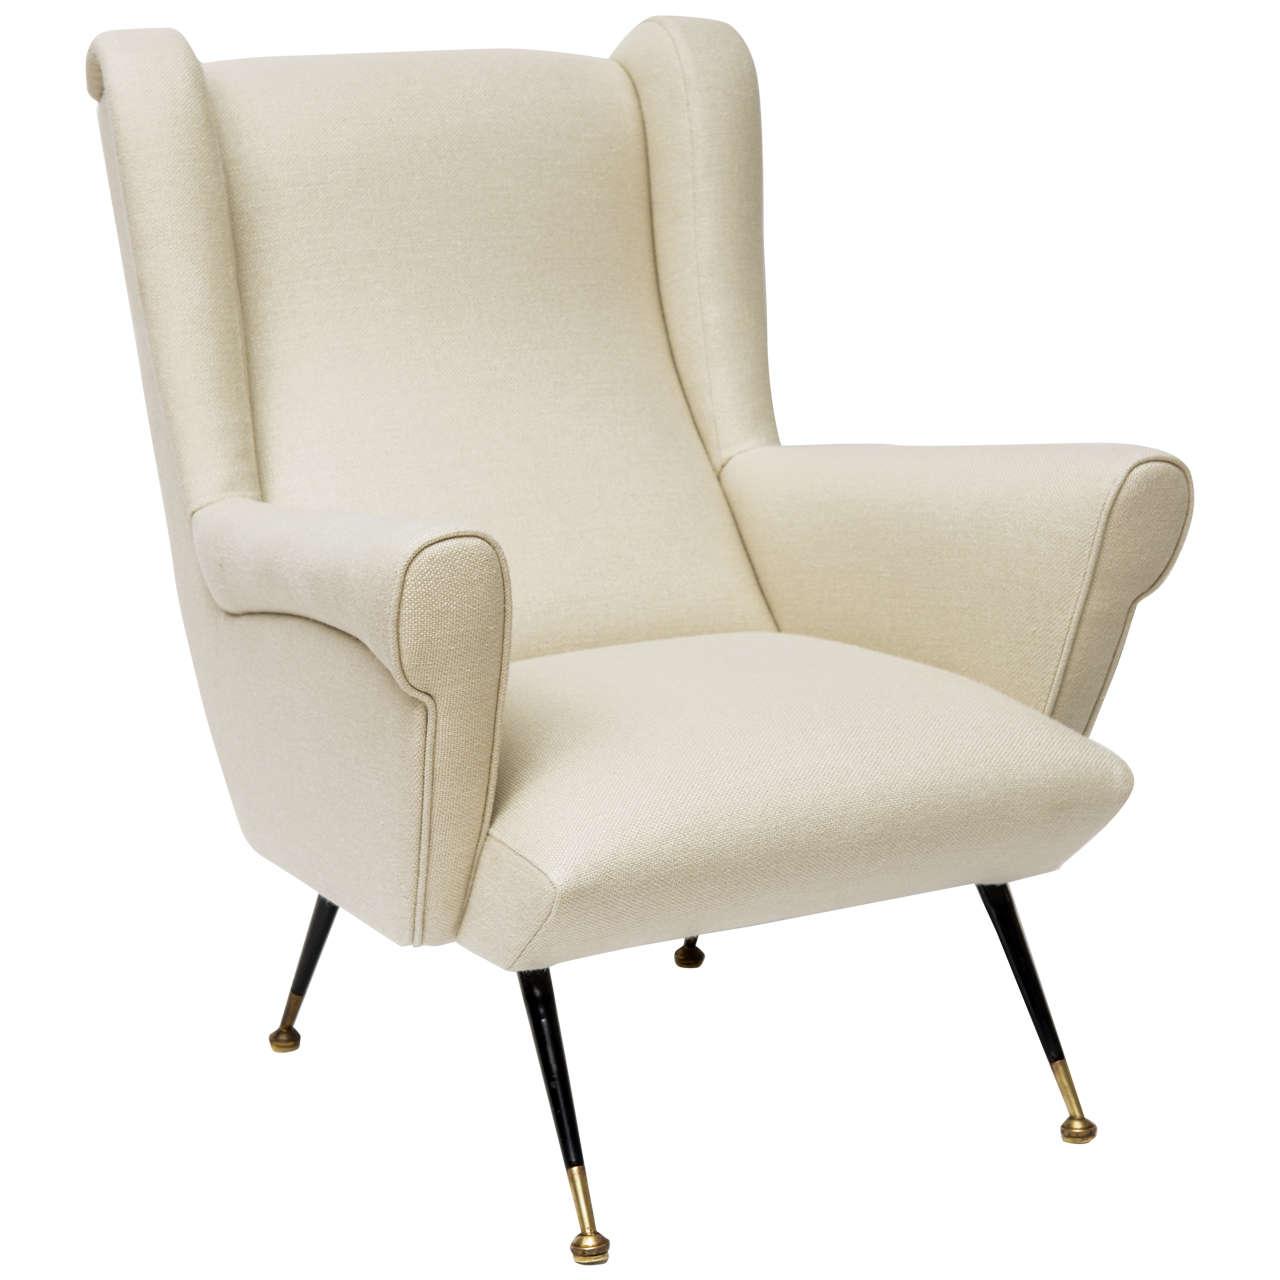 Mid-Century Italian Lounge Chair 1